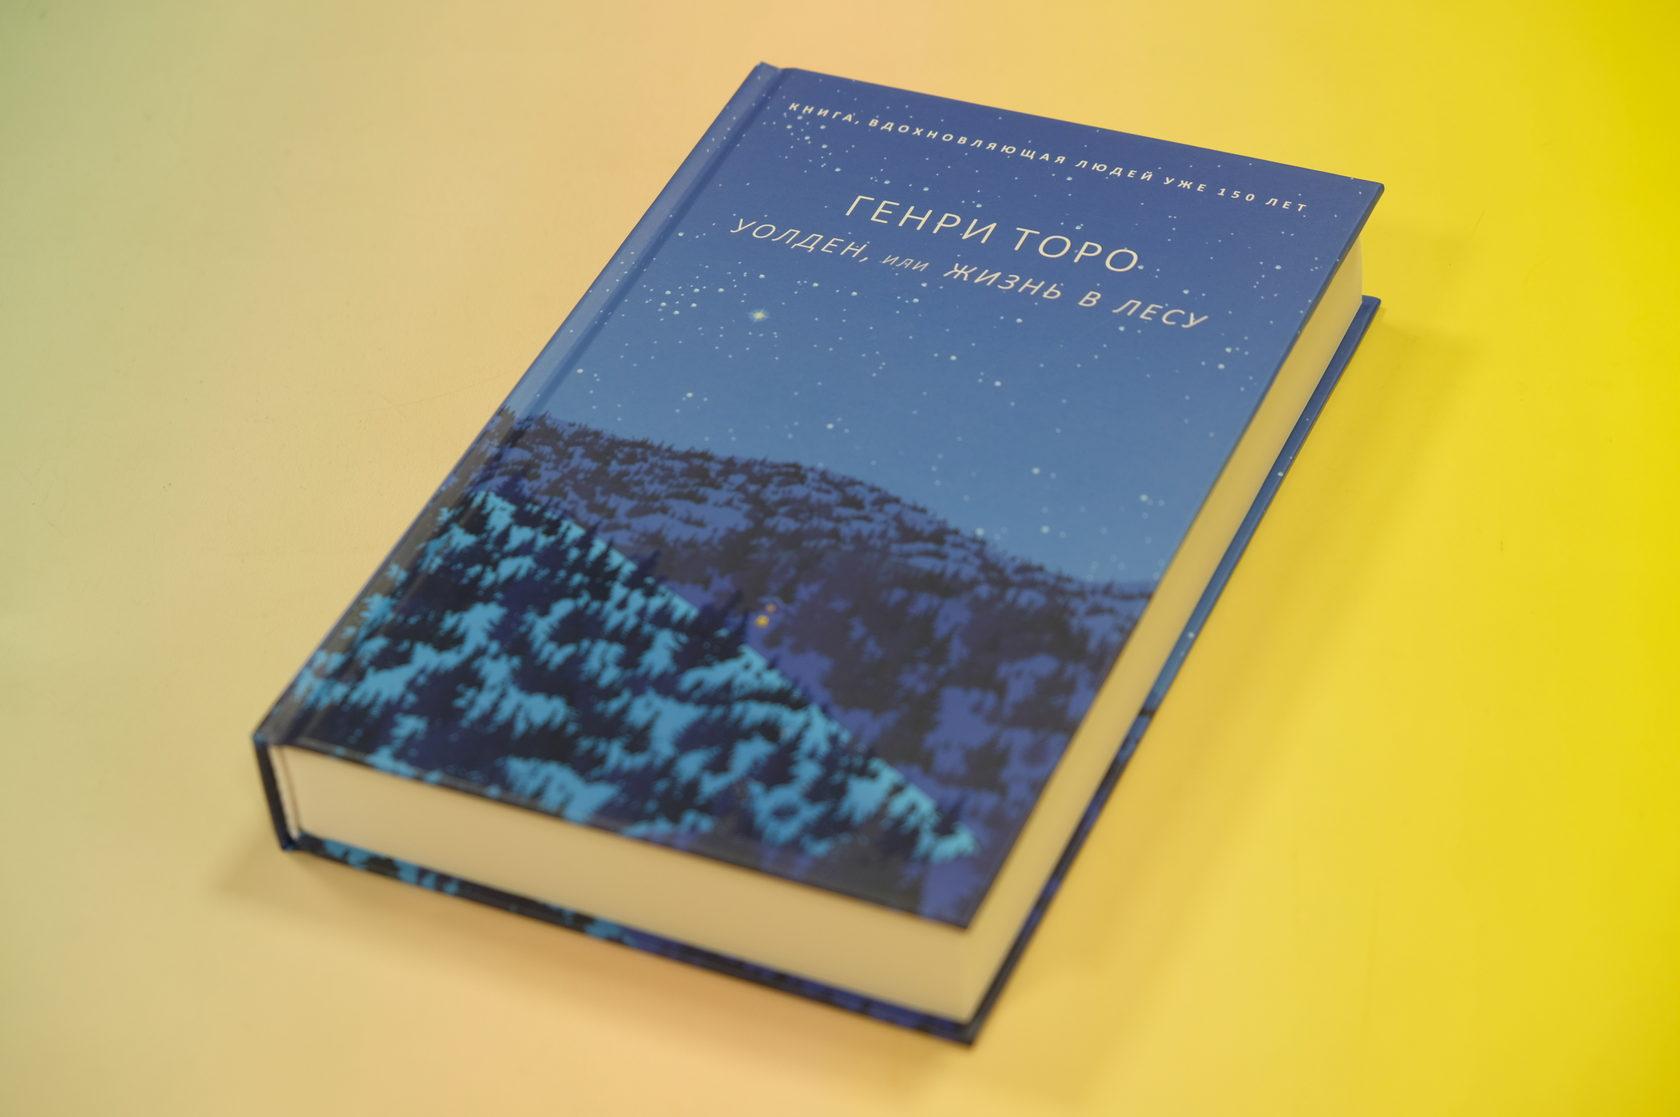 Генри Торо «Уолден, или Жизнь в лесу» 978-5-386-12436-6